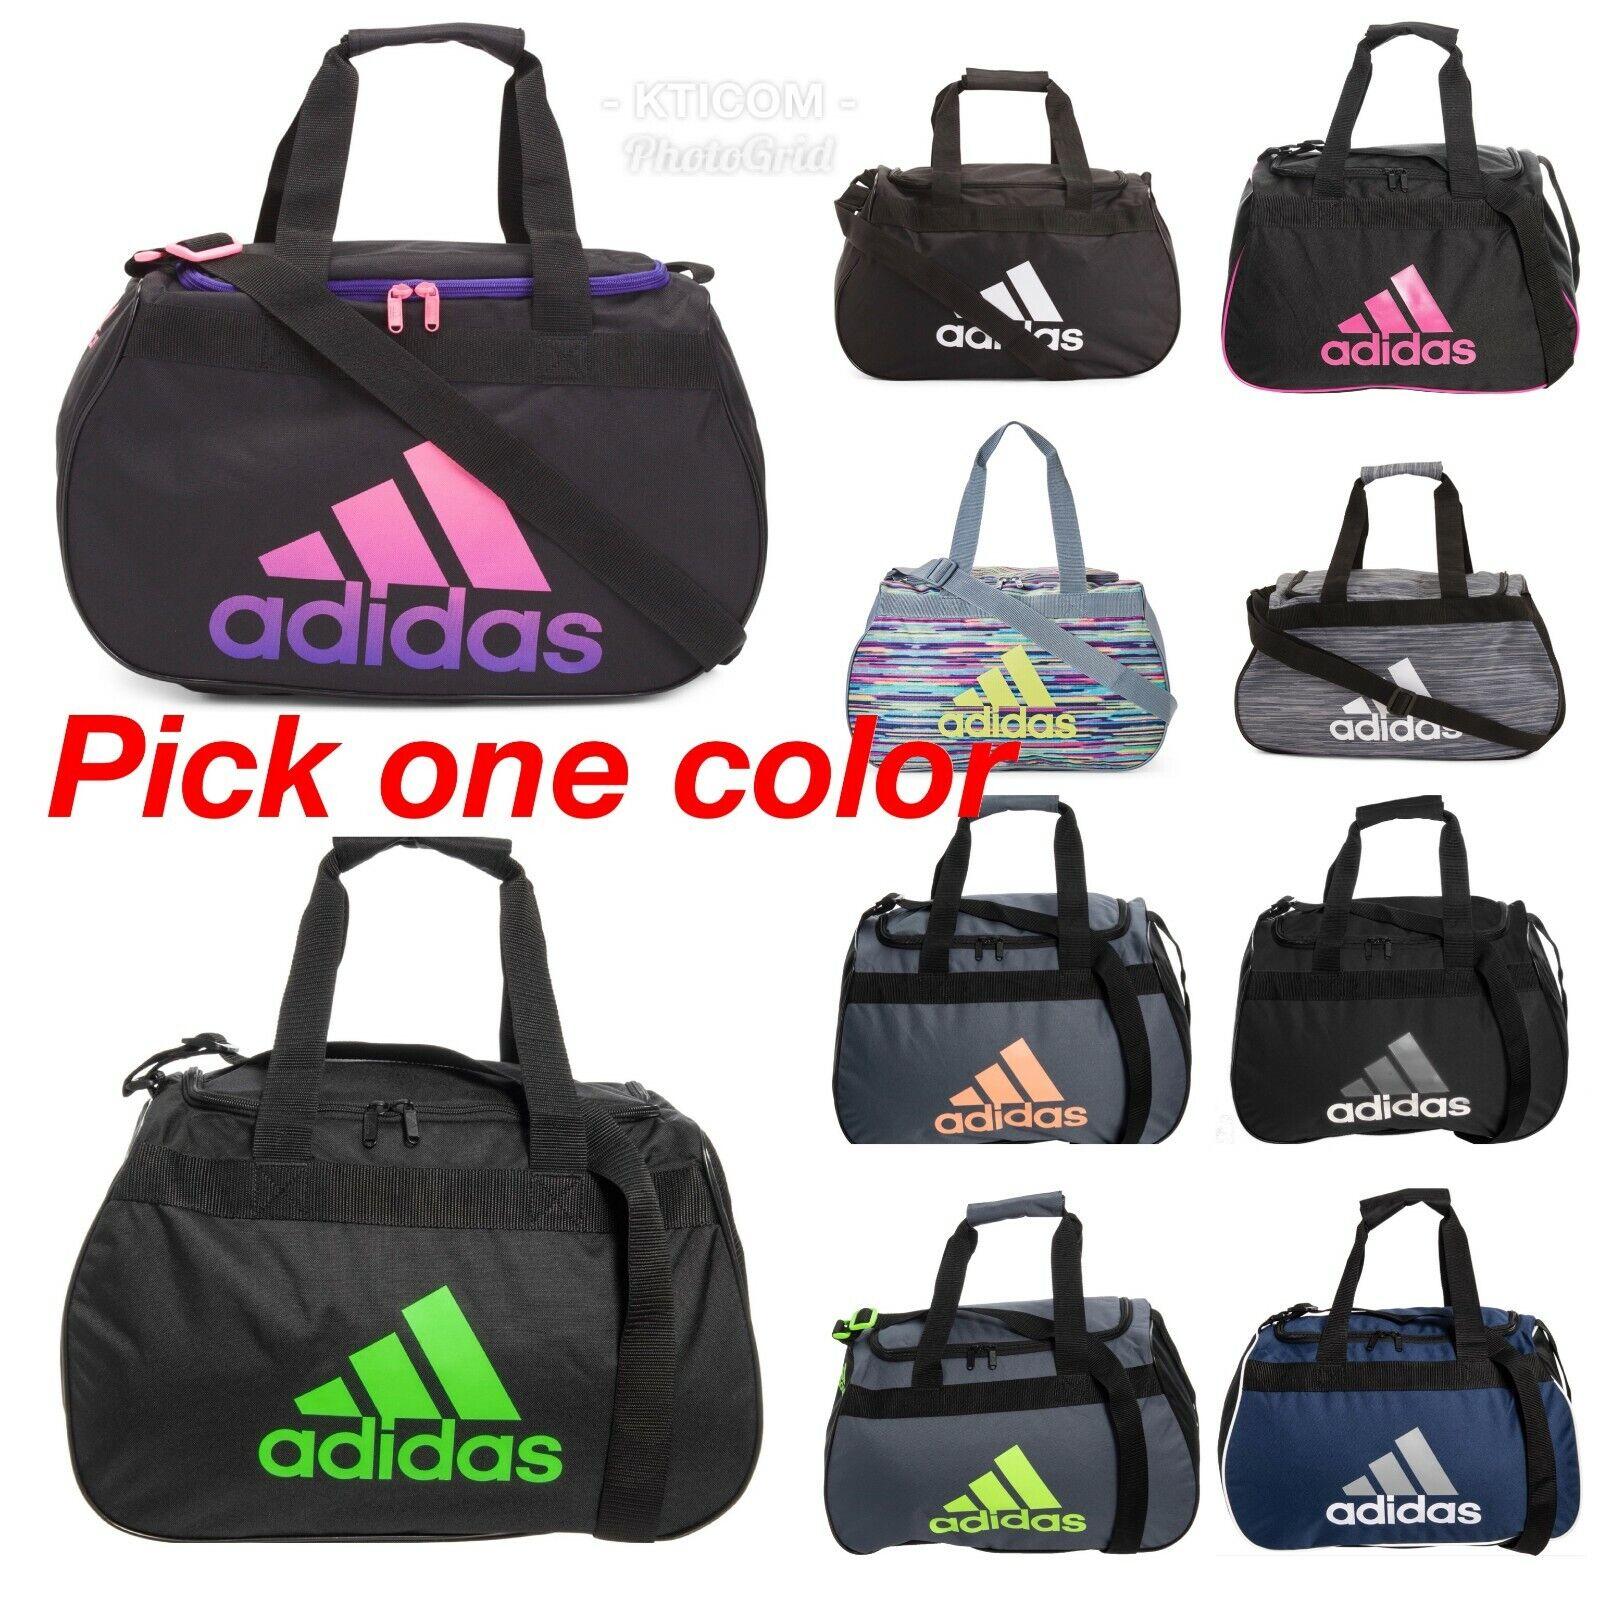 NWT ADIDAS Diablo Small Duffel Gym Bag/Travel Bag --Pick Col